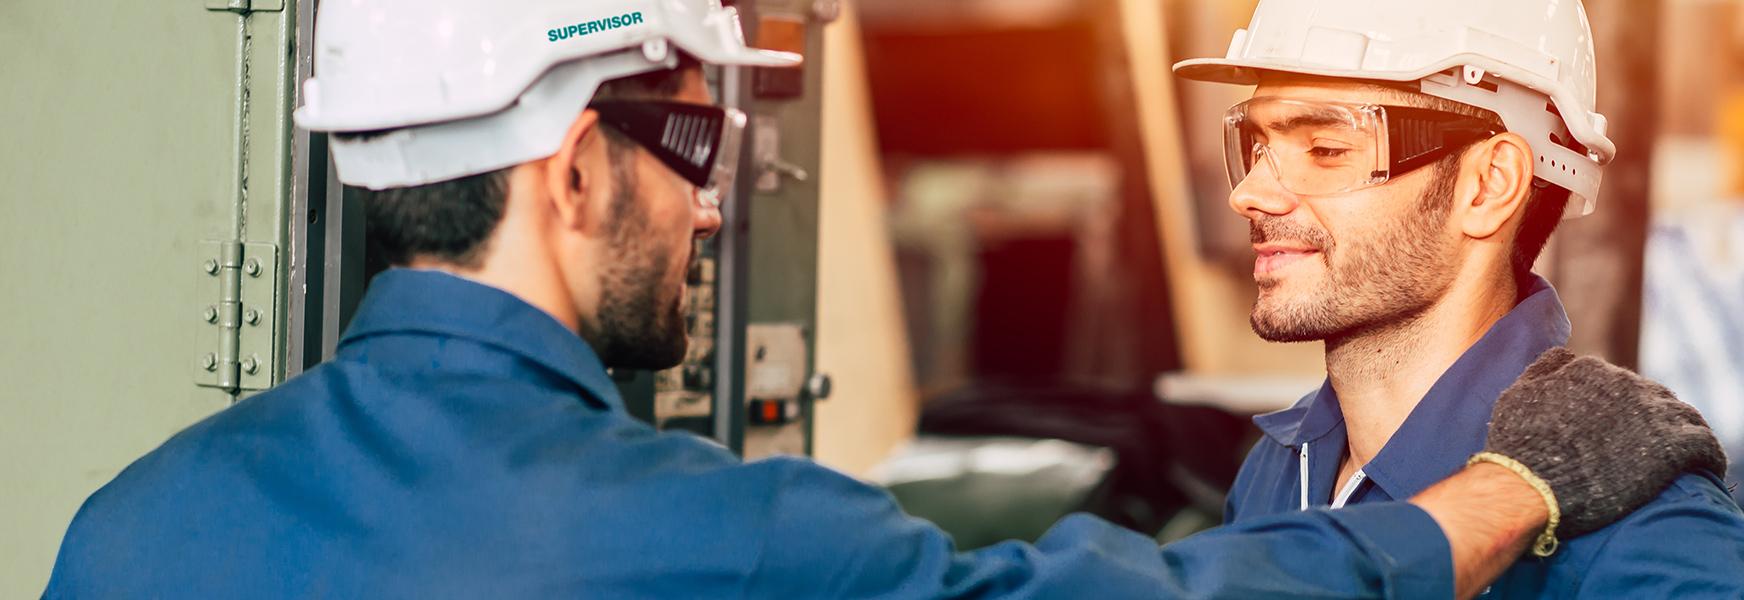 Supervisor praising worker in factory